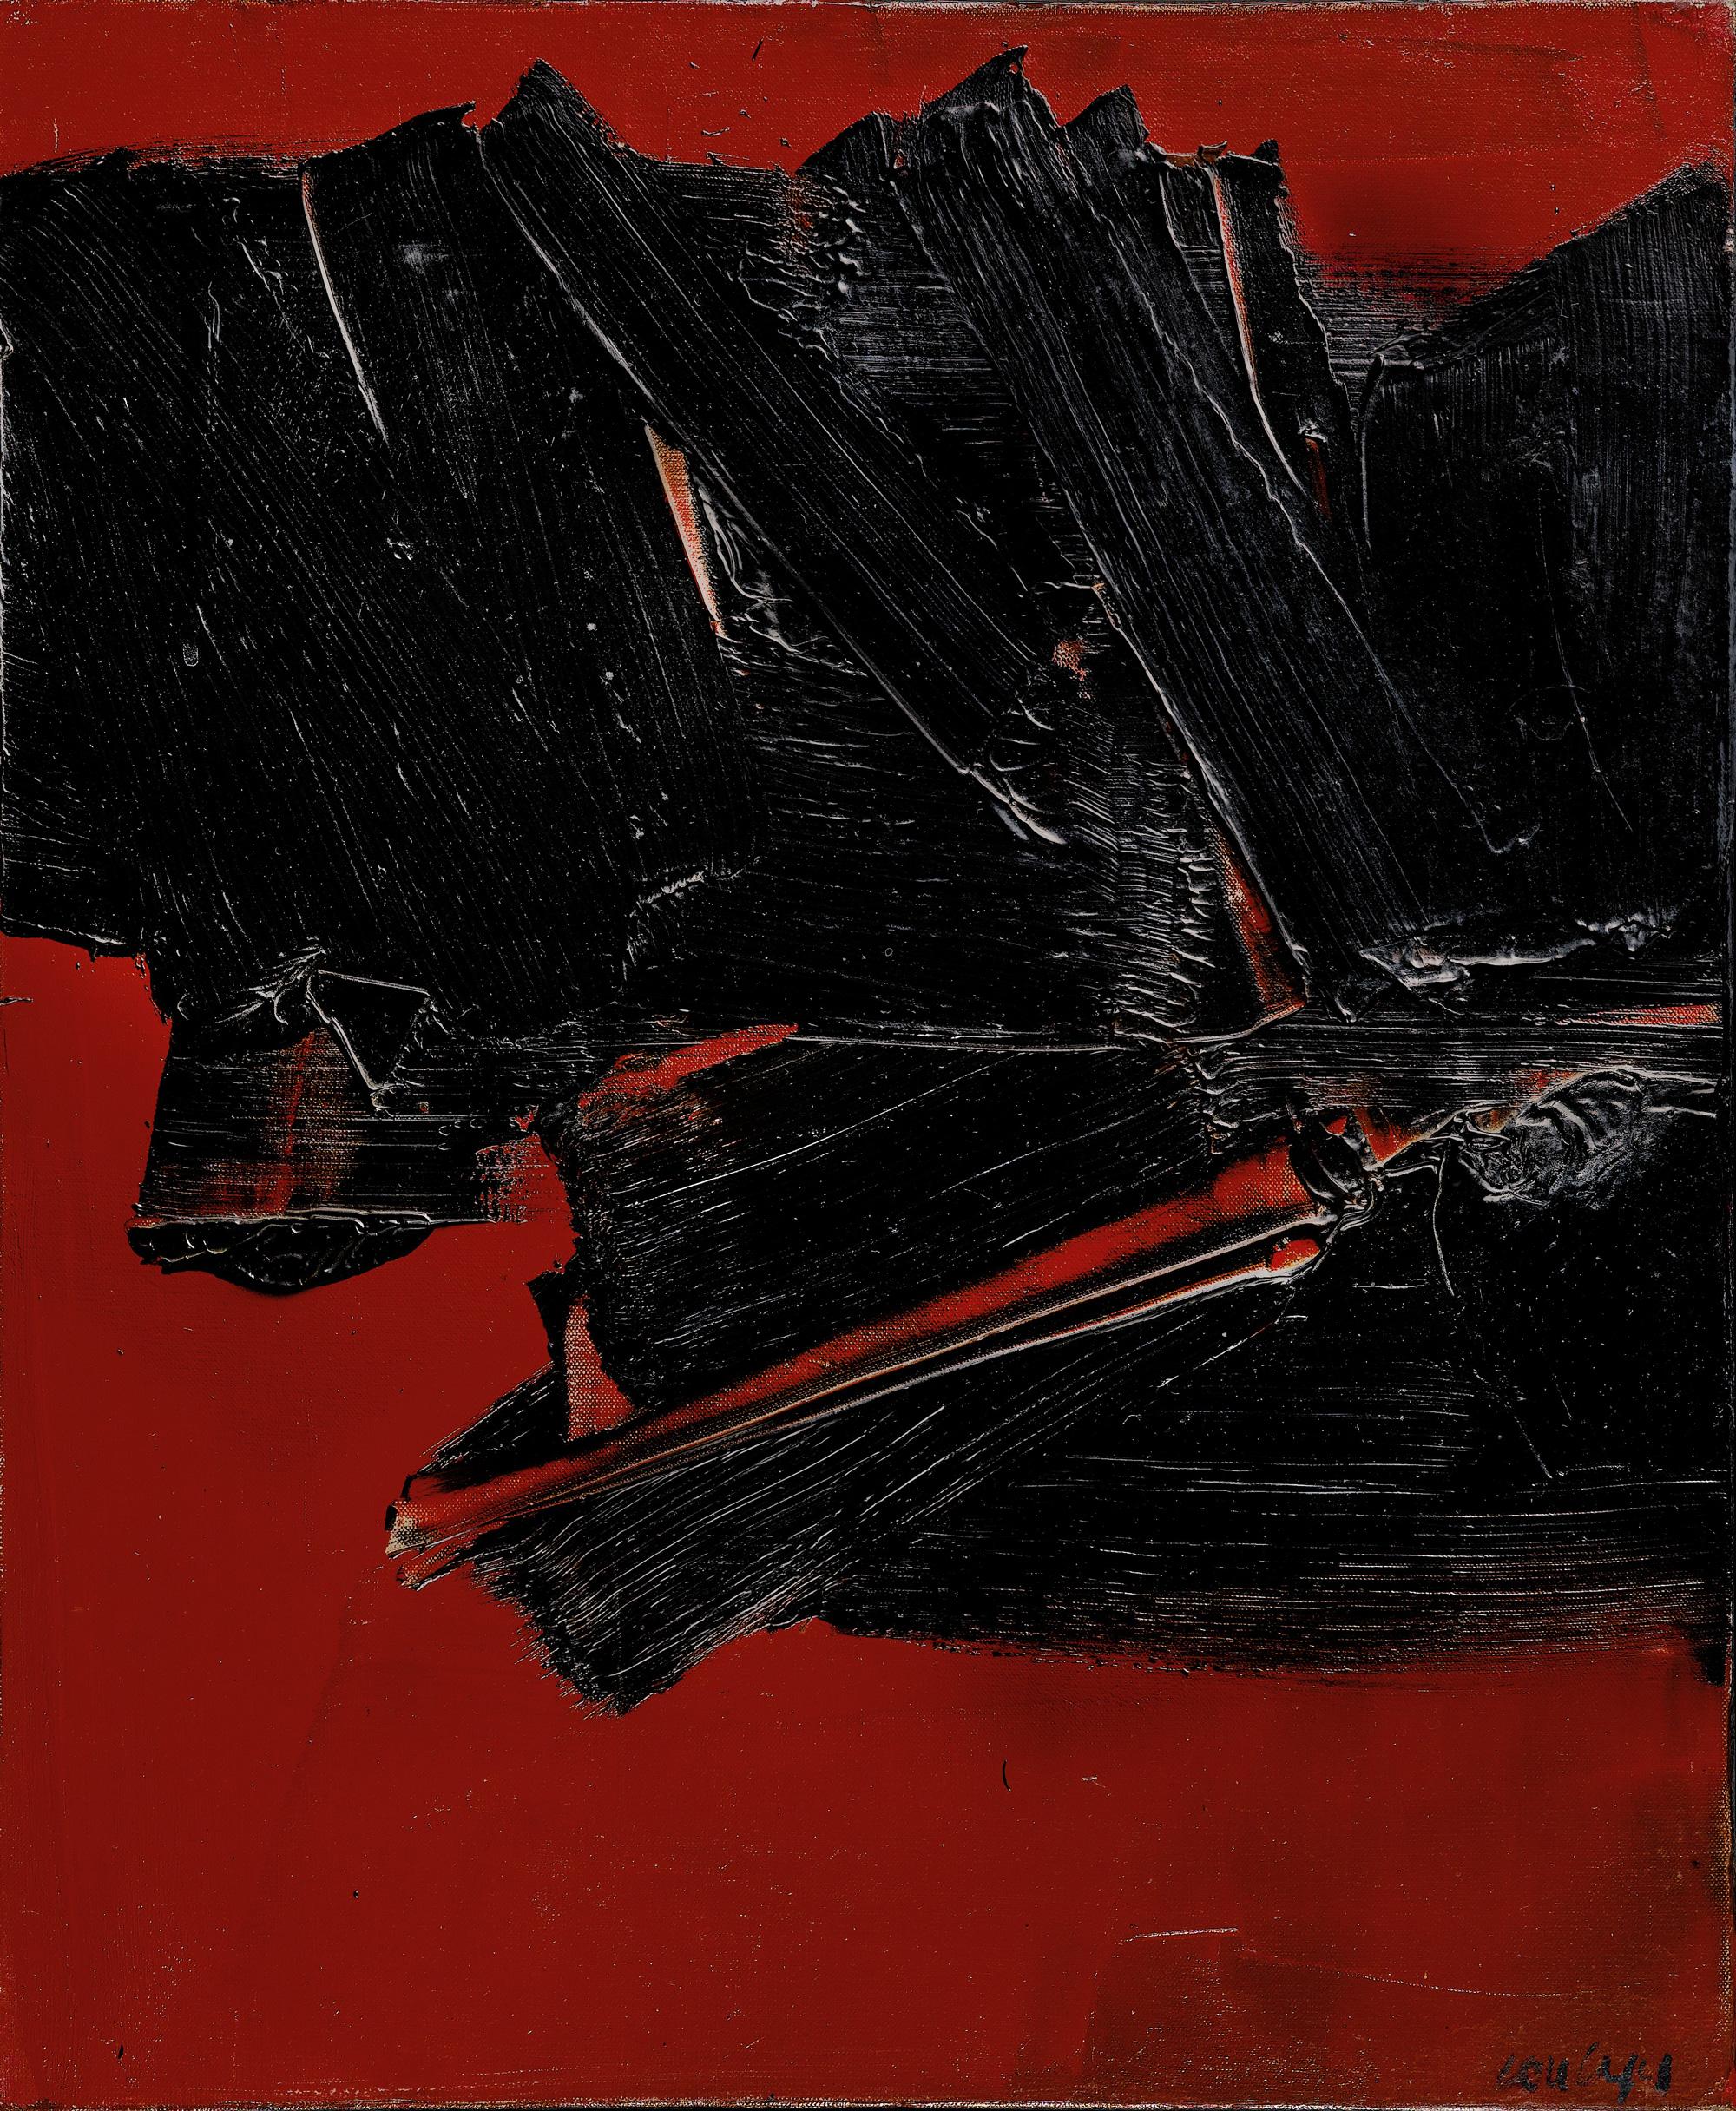 Pierre Soulages - Peinture